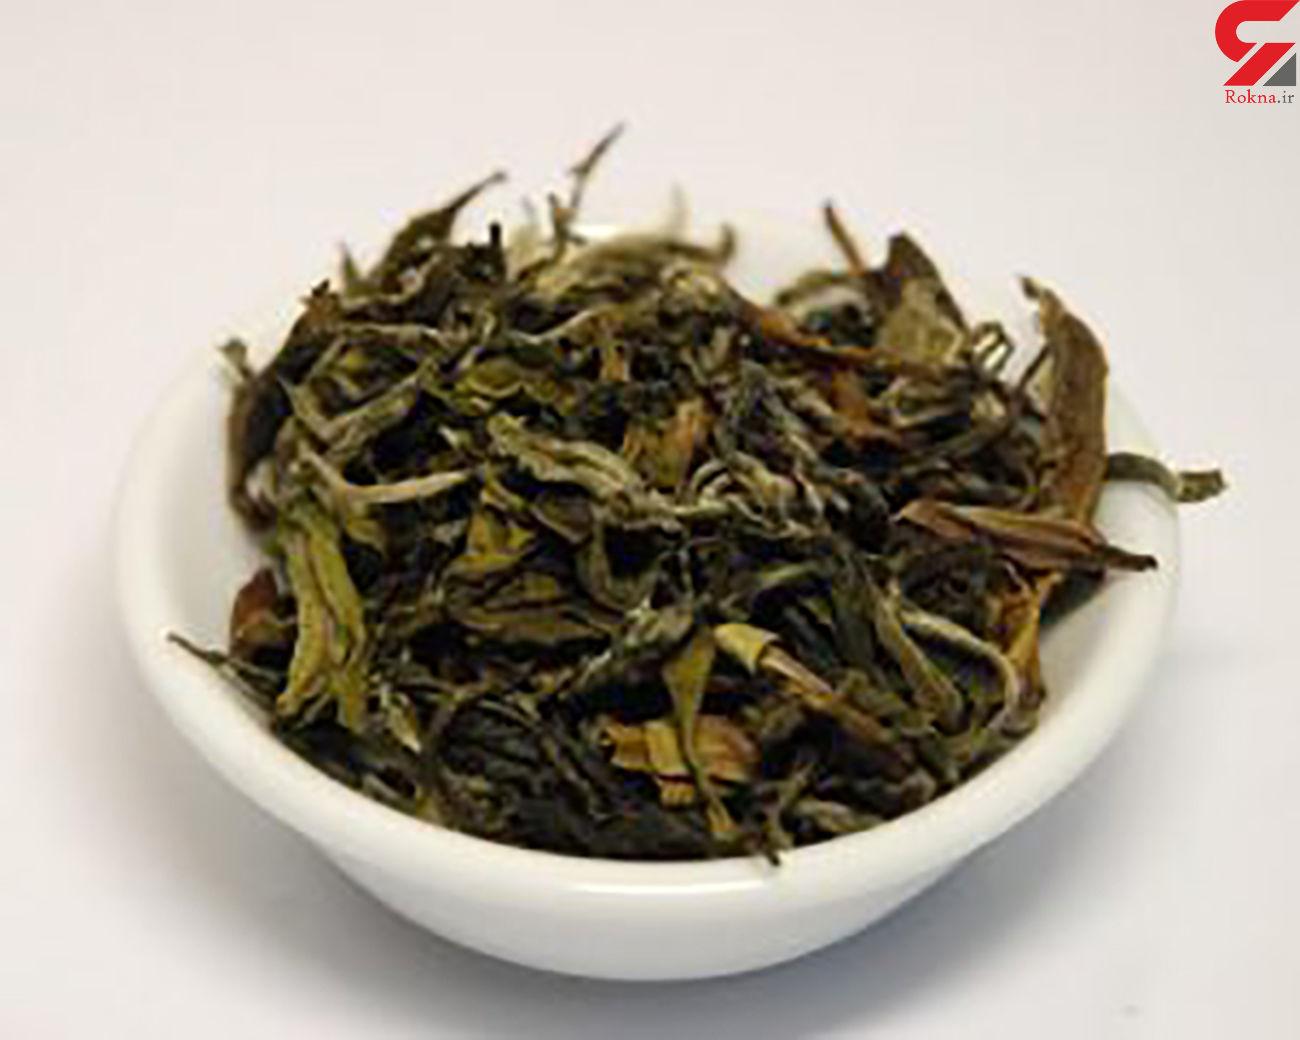 خواص چای سبز؛ از چربی سوزی تا تقویت مغز